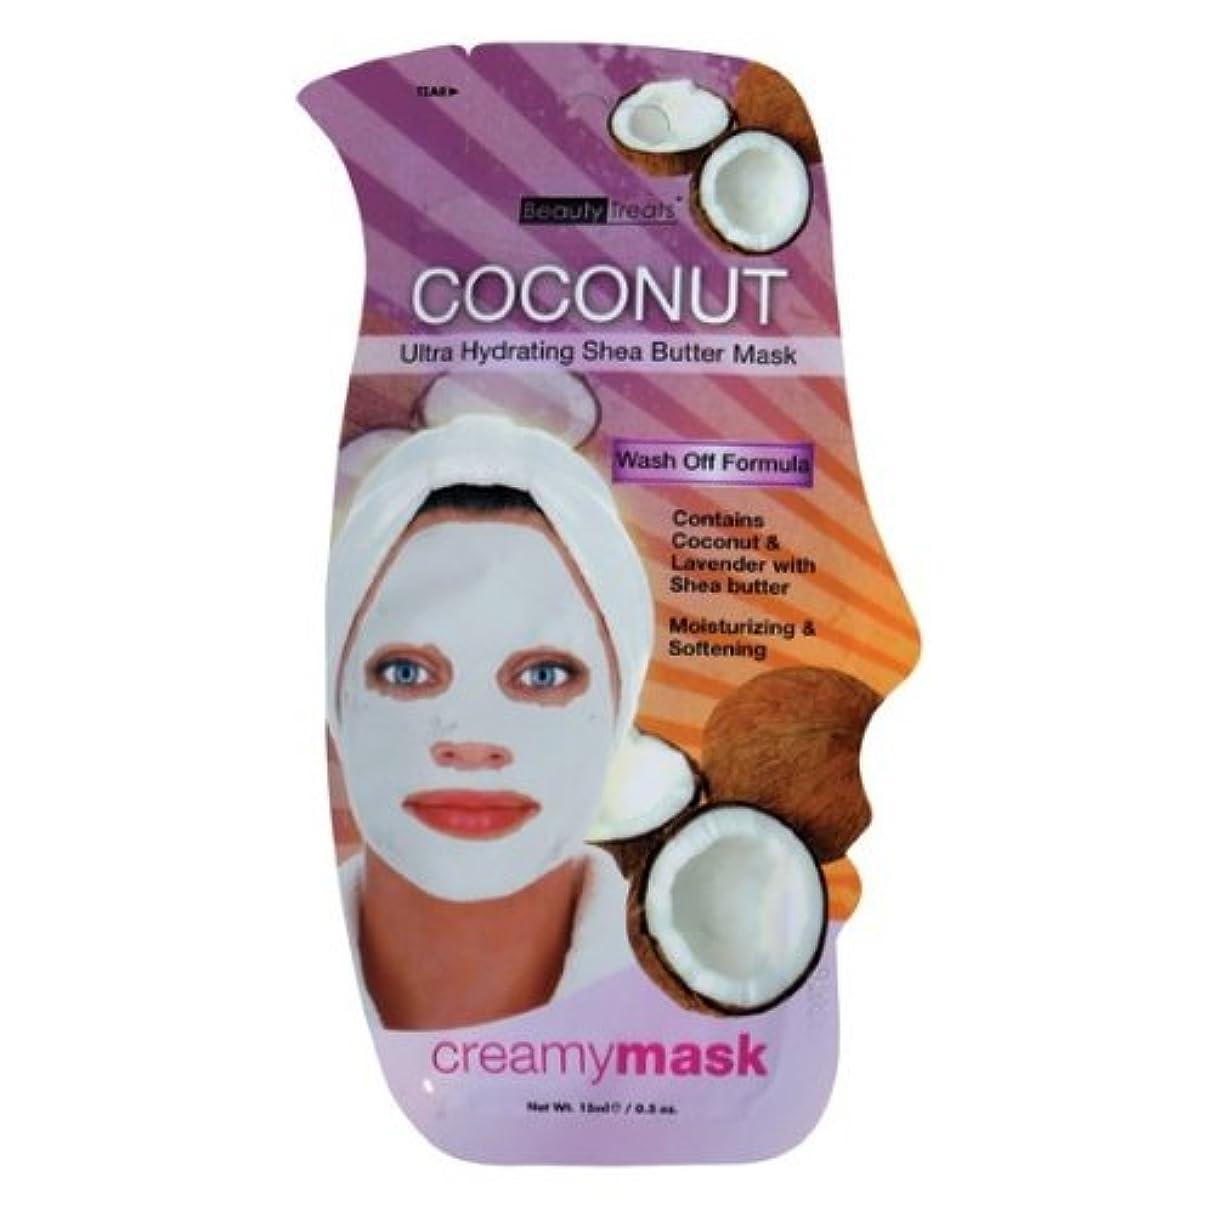 動的アスレチック狂ったBEAUTY TREATS Coconut Ultra Hydrating Shea Butter Mask - Coconut (並行輸入品)